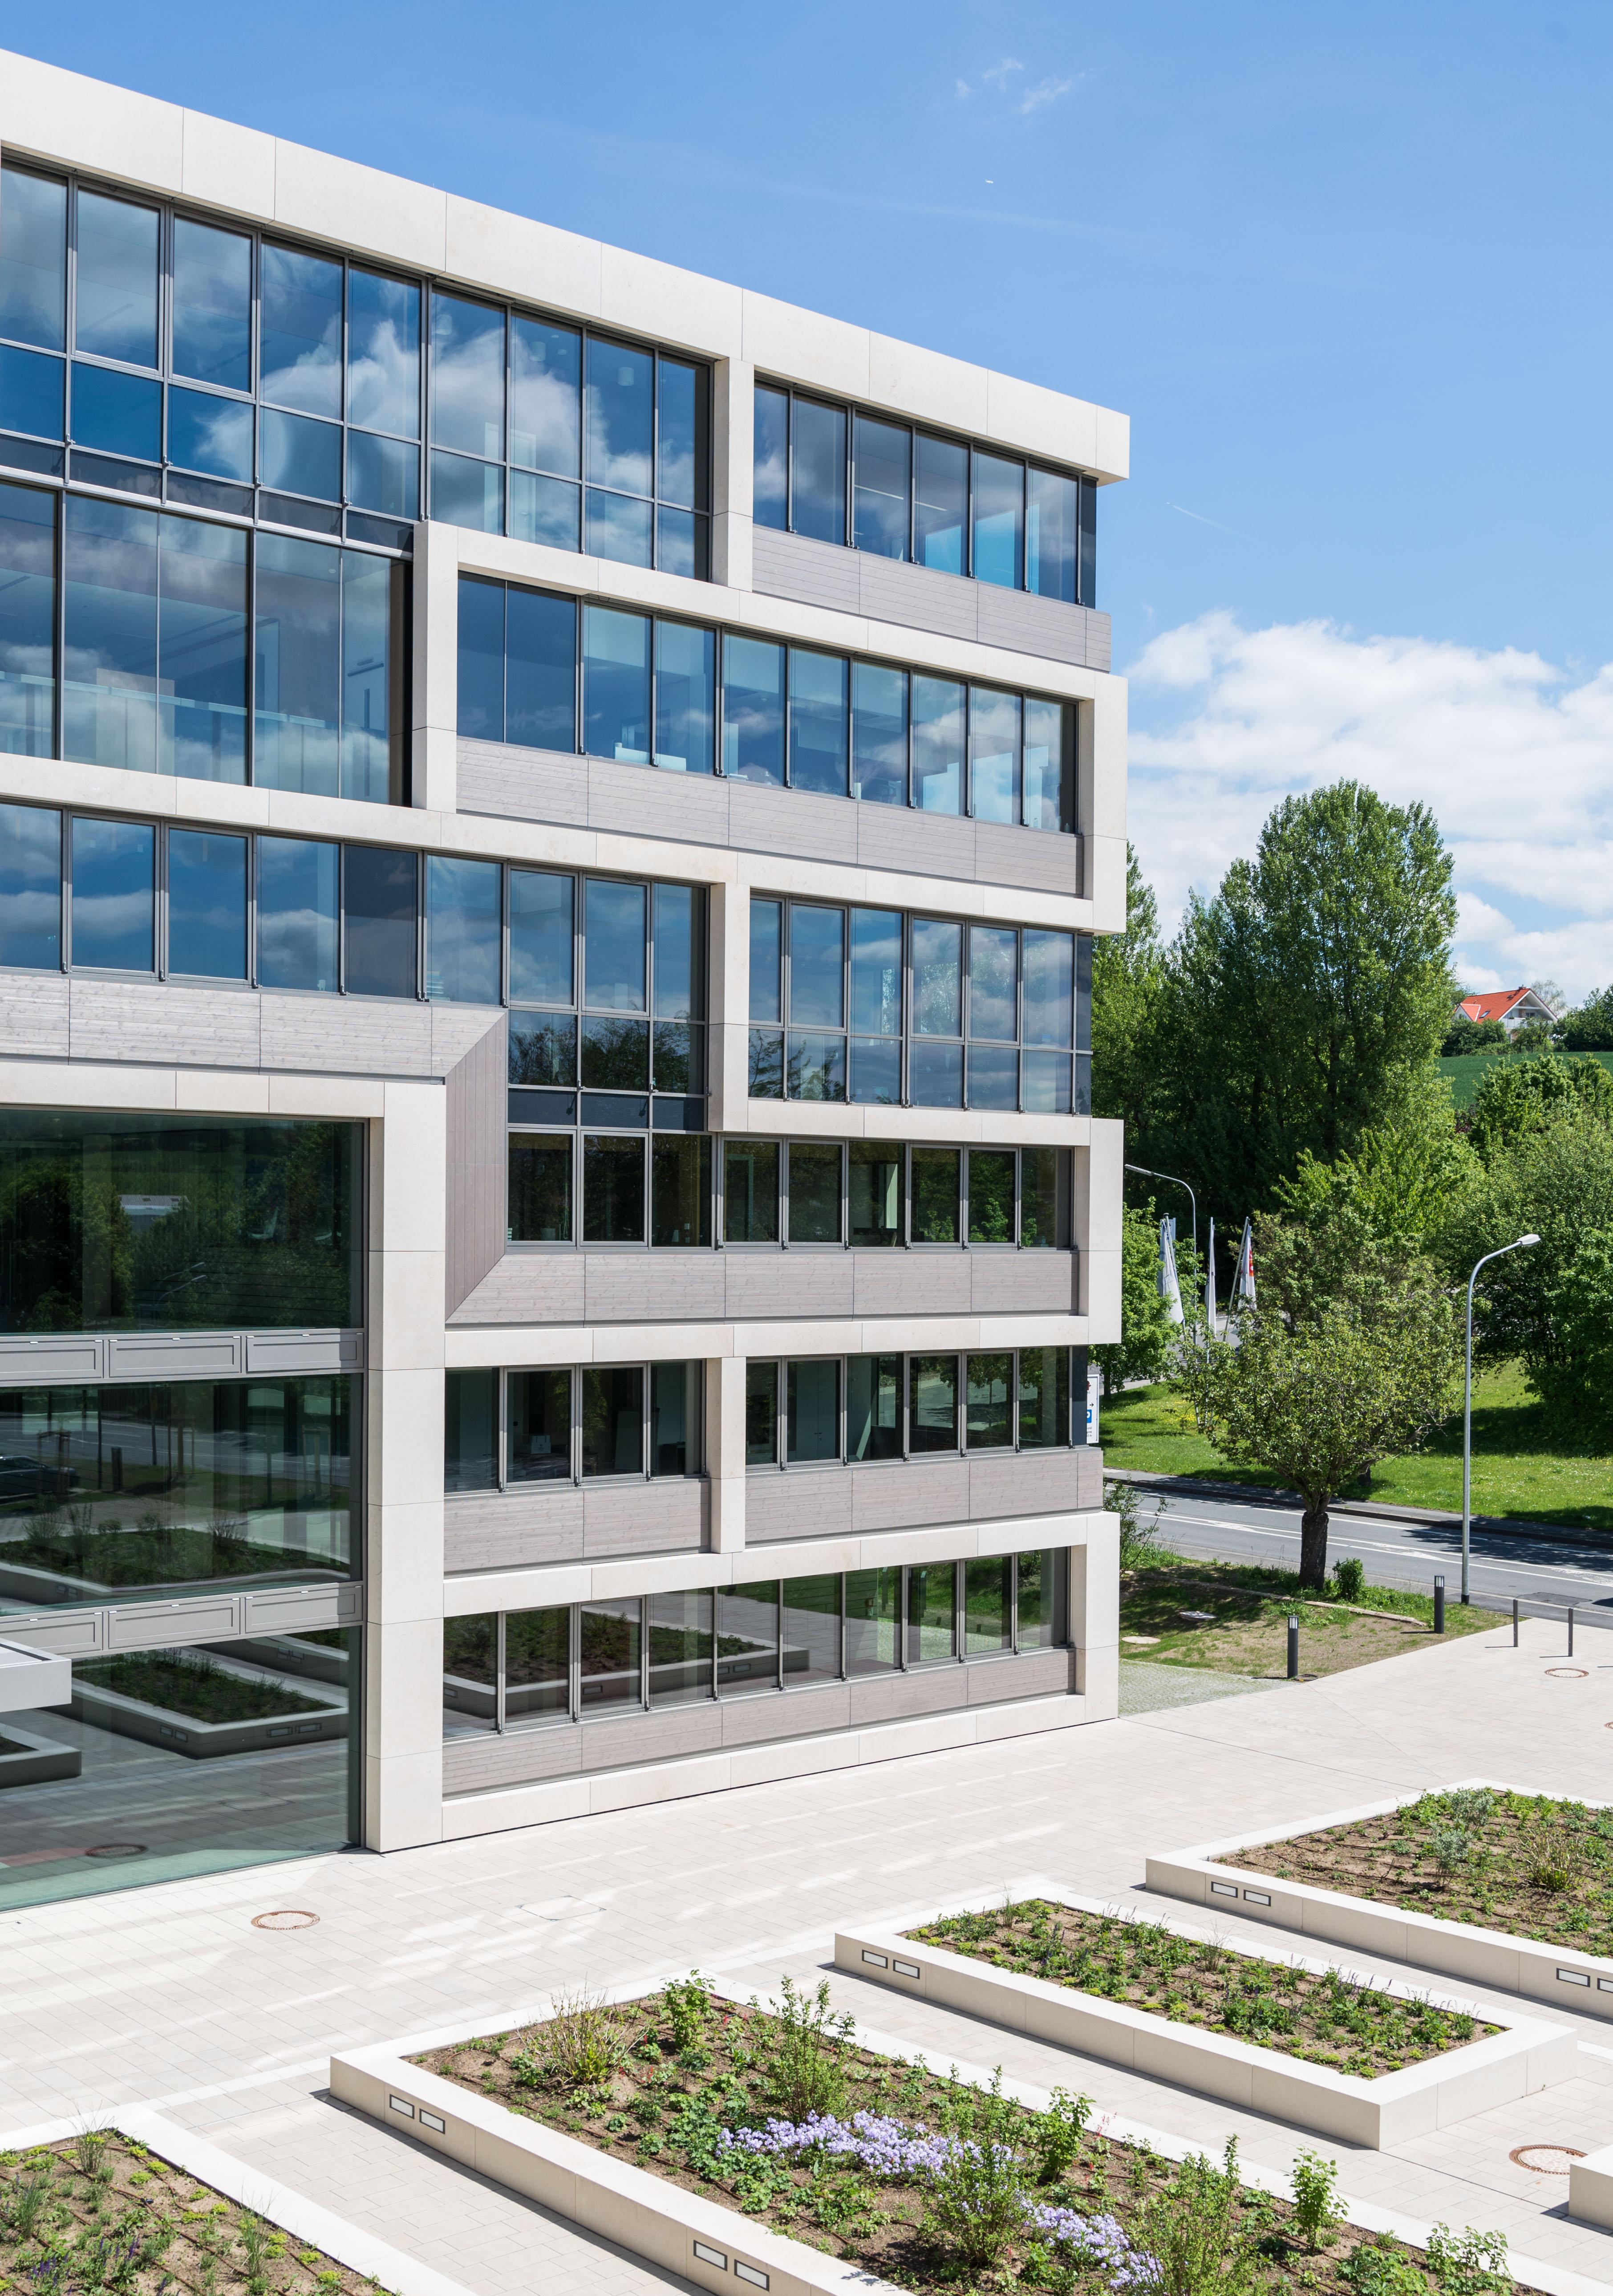 <p>Plaza en entree met uitzicht op stadscentrum Beeld mju-fotografie, Marie Luisa Jünger</p>